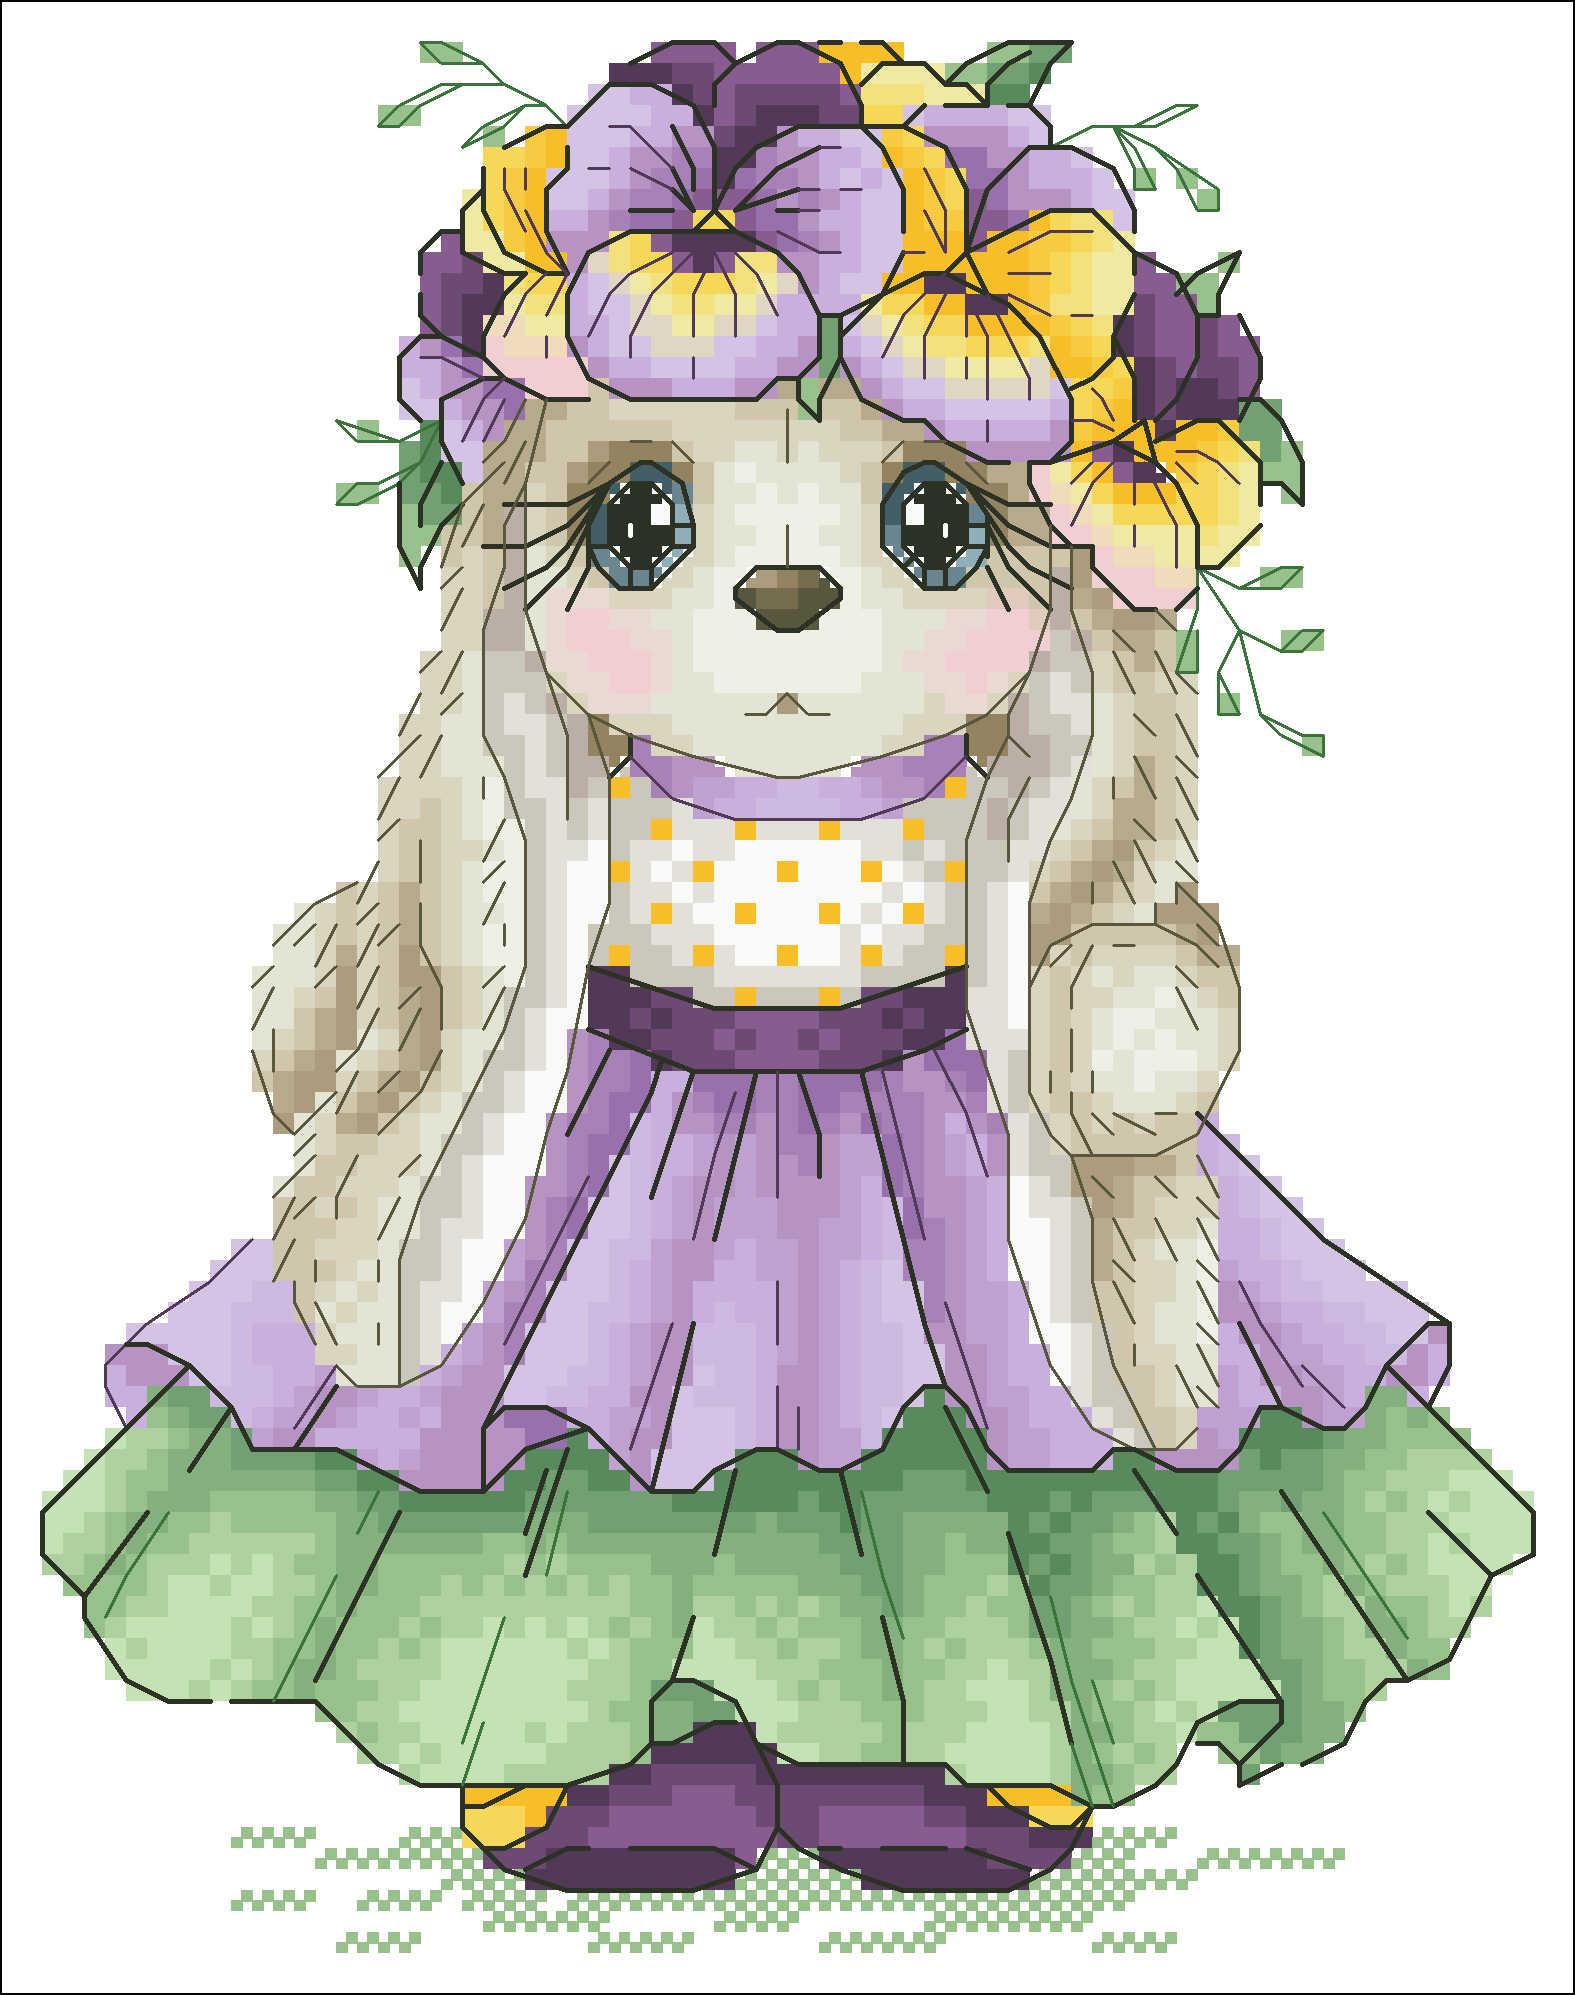 Paquet de point de croix féerique lapin | Motif floral, motif animal de dessin animé 18ct 14ct 11ct, tissu, broderie, pour les travaux principaux